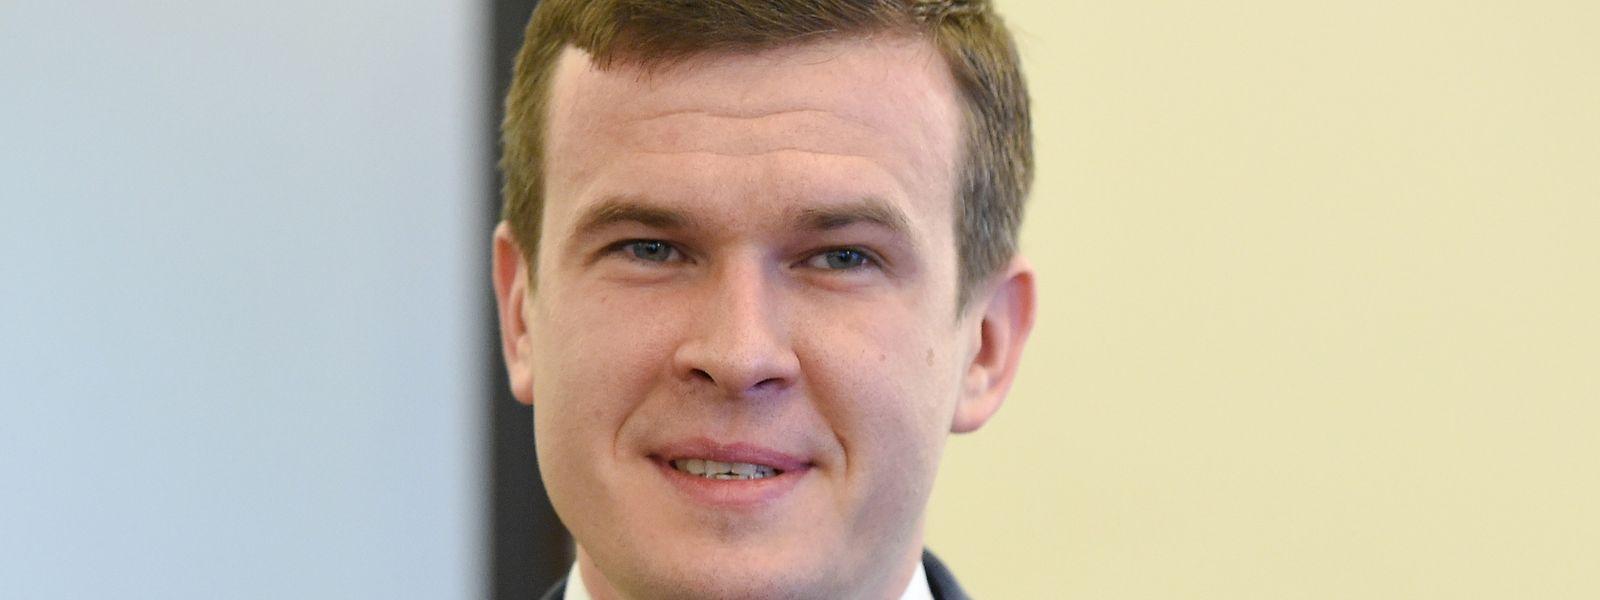 Voici le visage du futur président de l'AMA, le Polonais Witold Banka